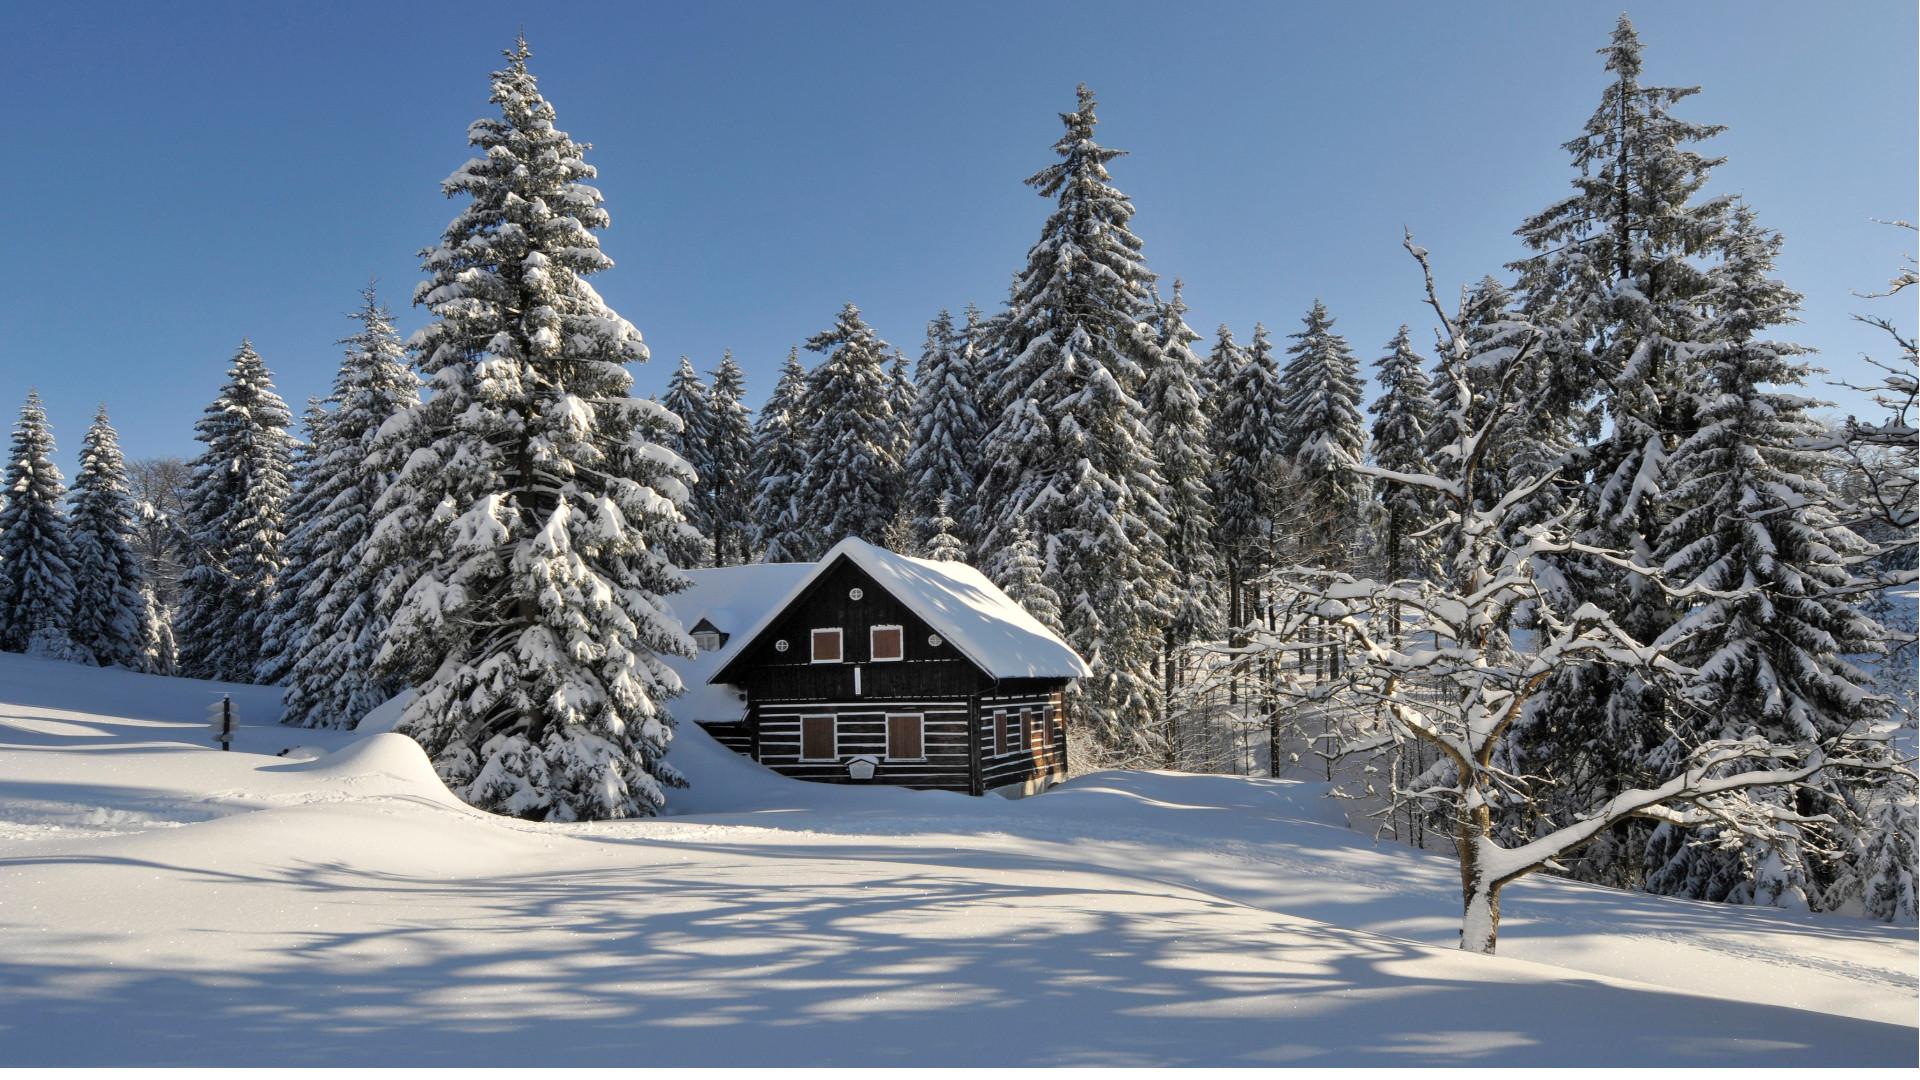 8 paisajes invernales mágicos en la República Checa